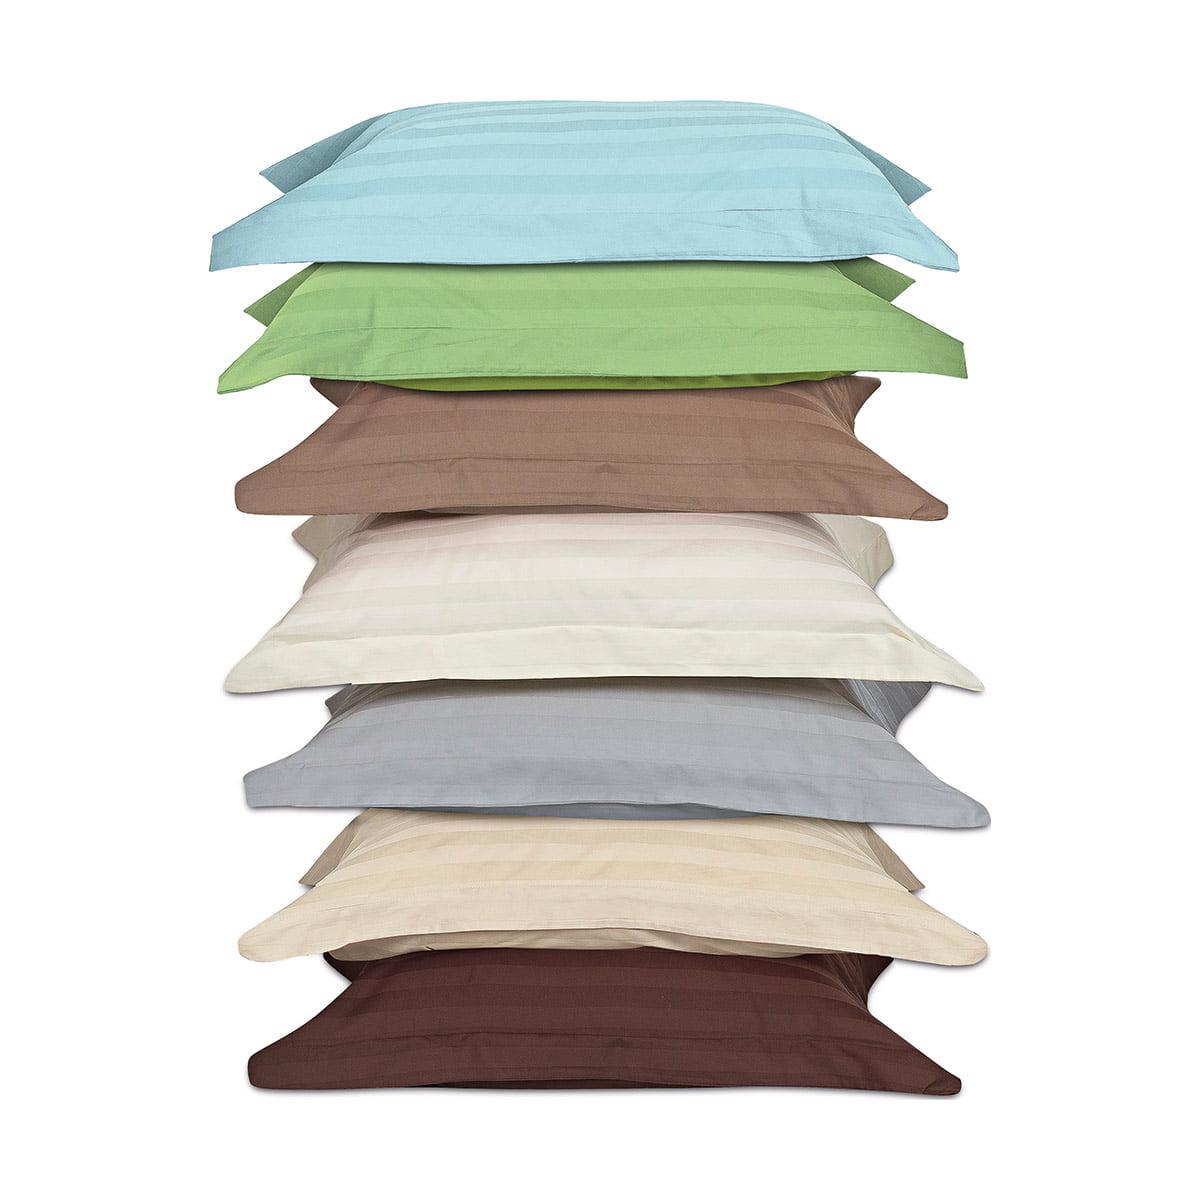 Σετ κουβερλί υπέρδιπλο Stripe Art 1530 σε 7 χρώματα  220x240 Beauty Home